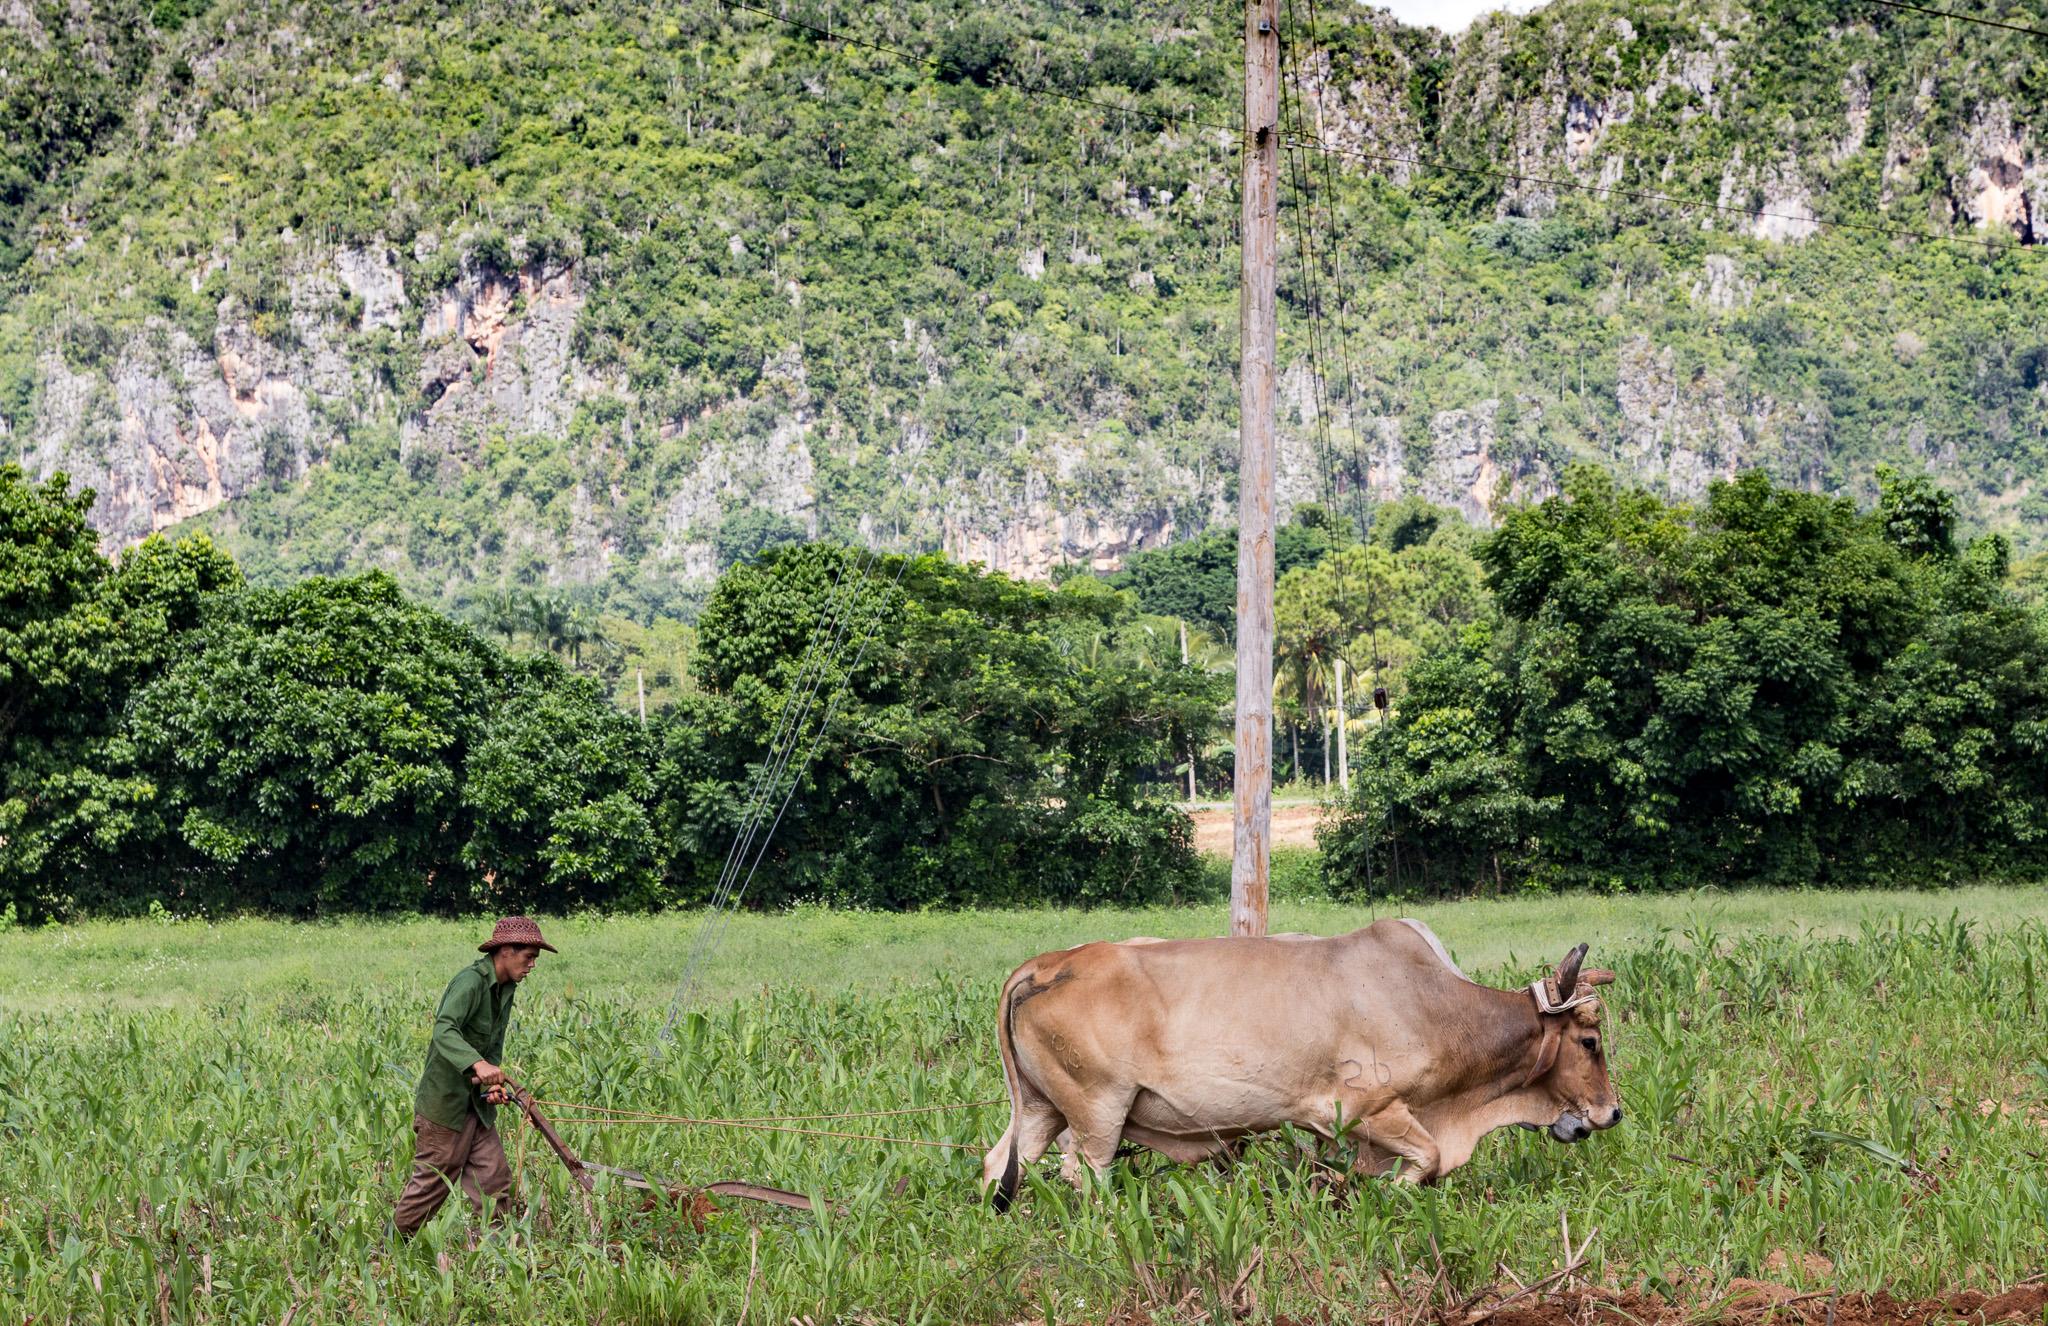 Mit dem Pflug bereitet ein Bauer das Feld für die Aussaat von Tabak vor. Viñales, Kuba